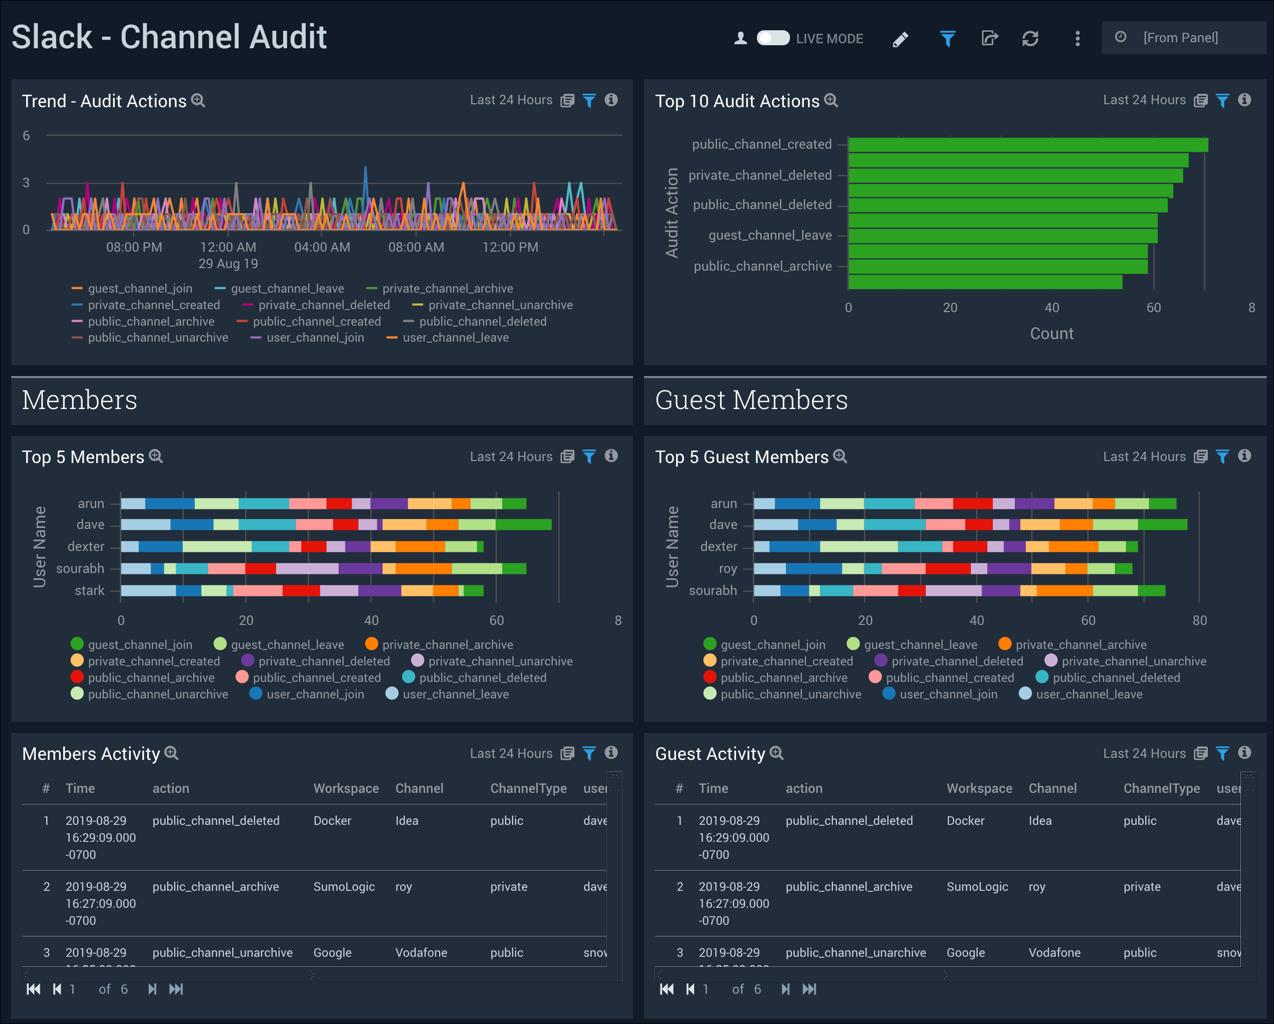 Channel Audit